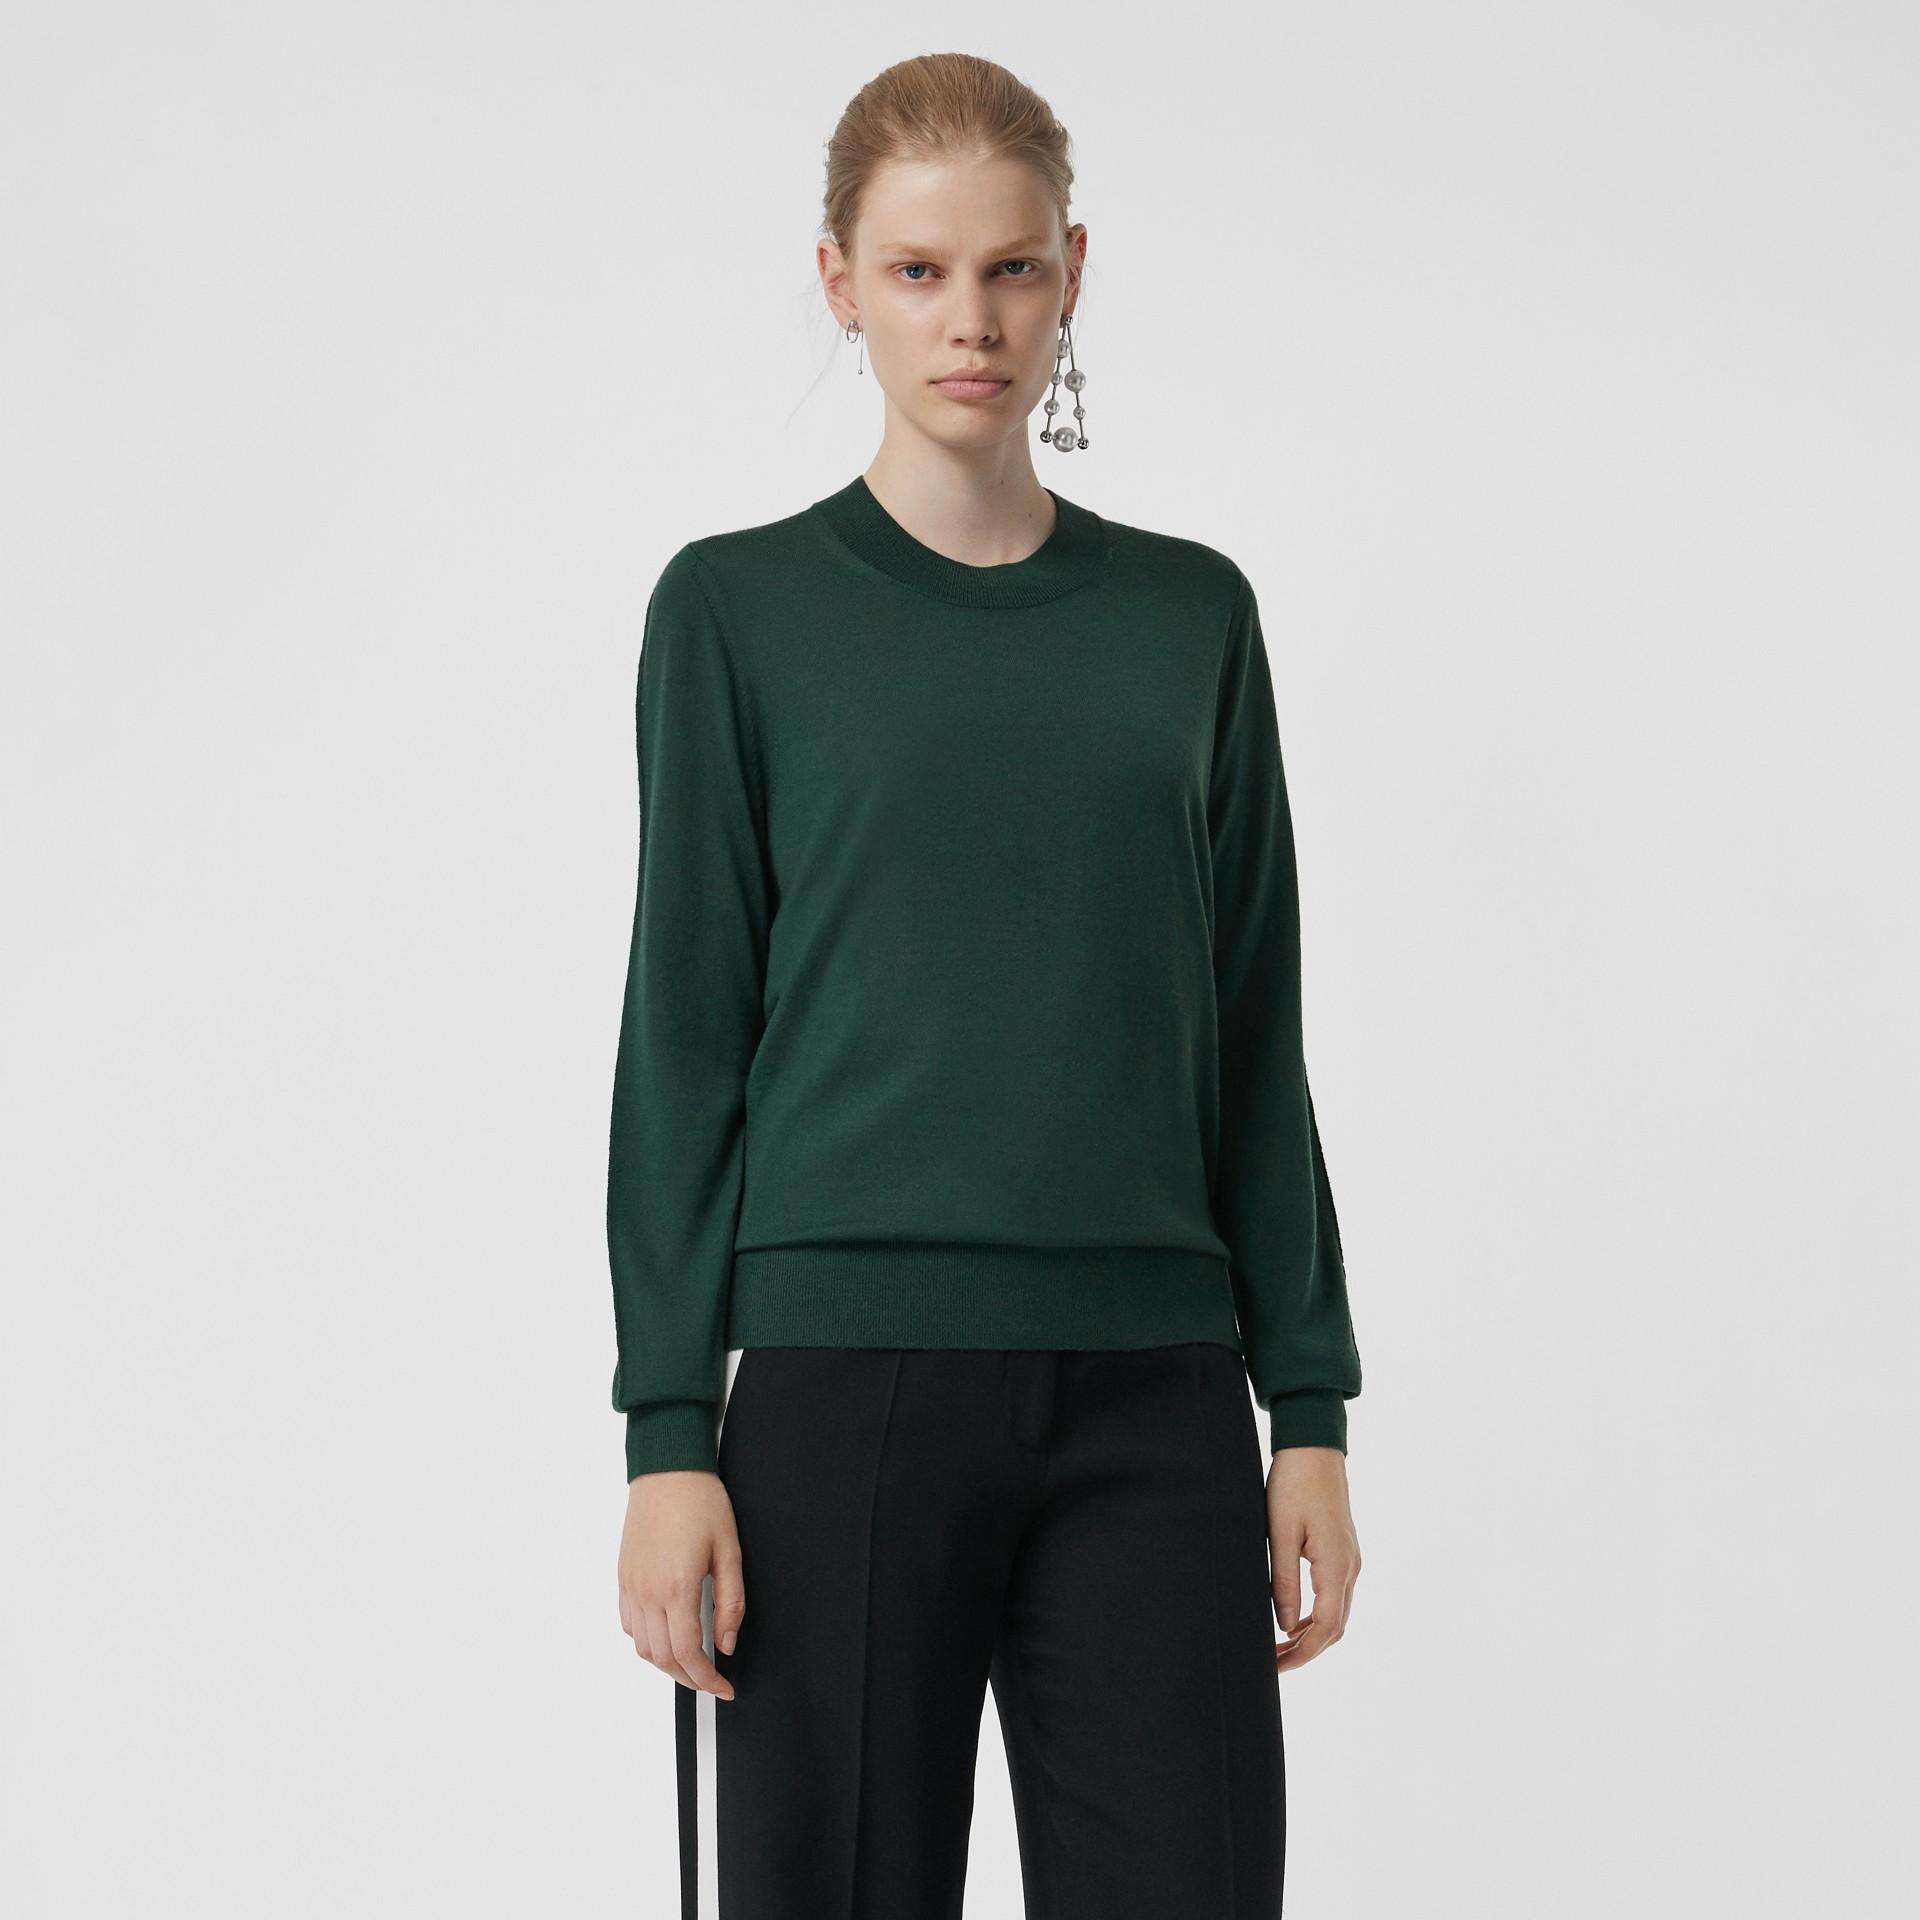 Jersey en lana de merino con cuello redondo (Verde Bosque Oscuro) - Mujer | Burberry - imagen de la galería 4